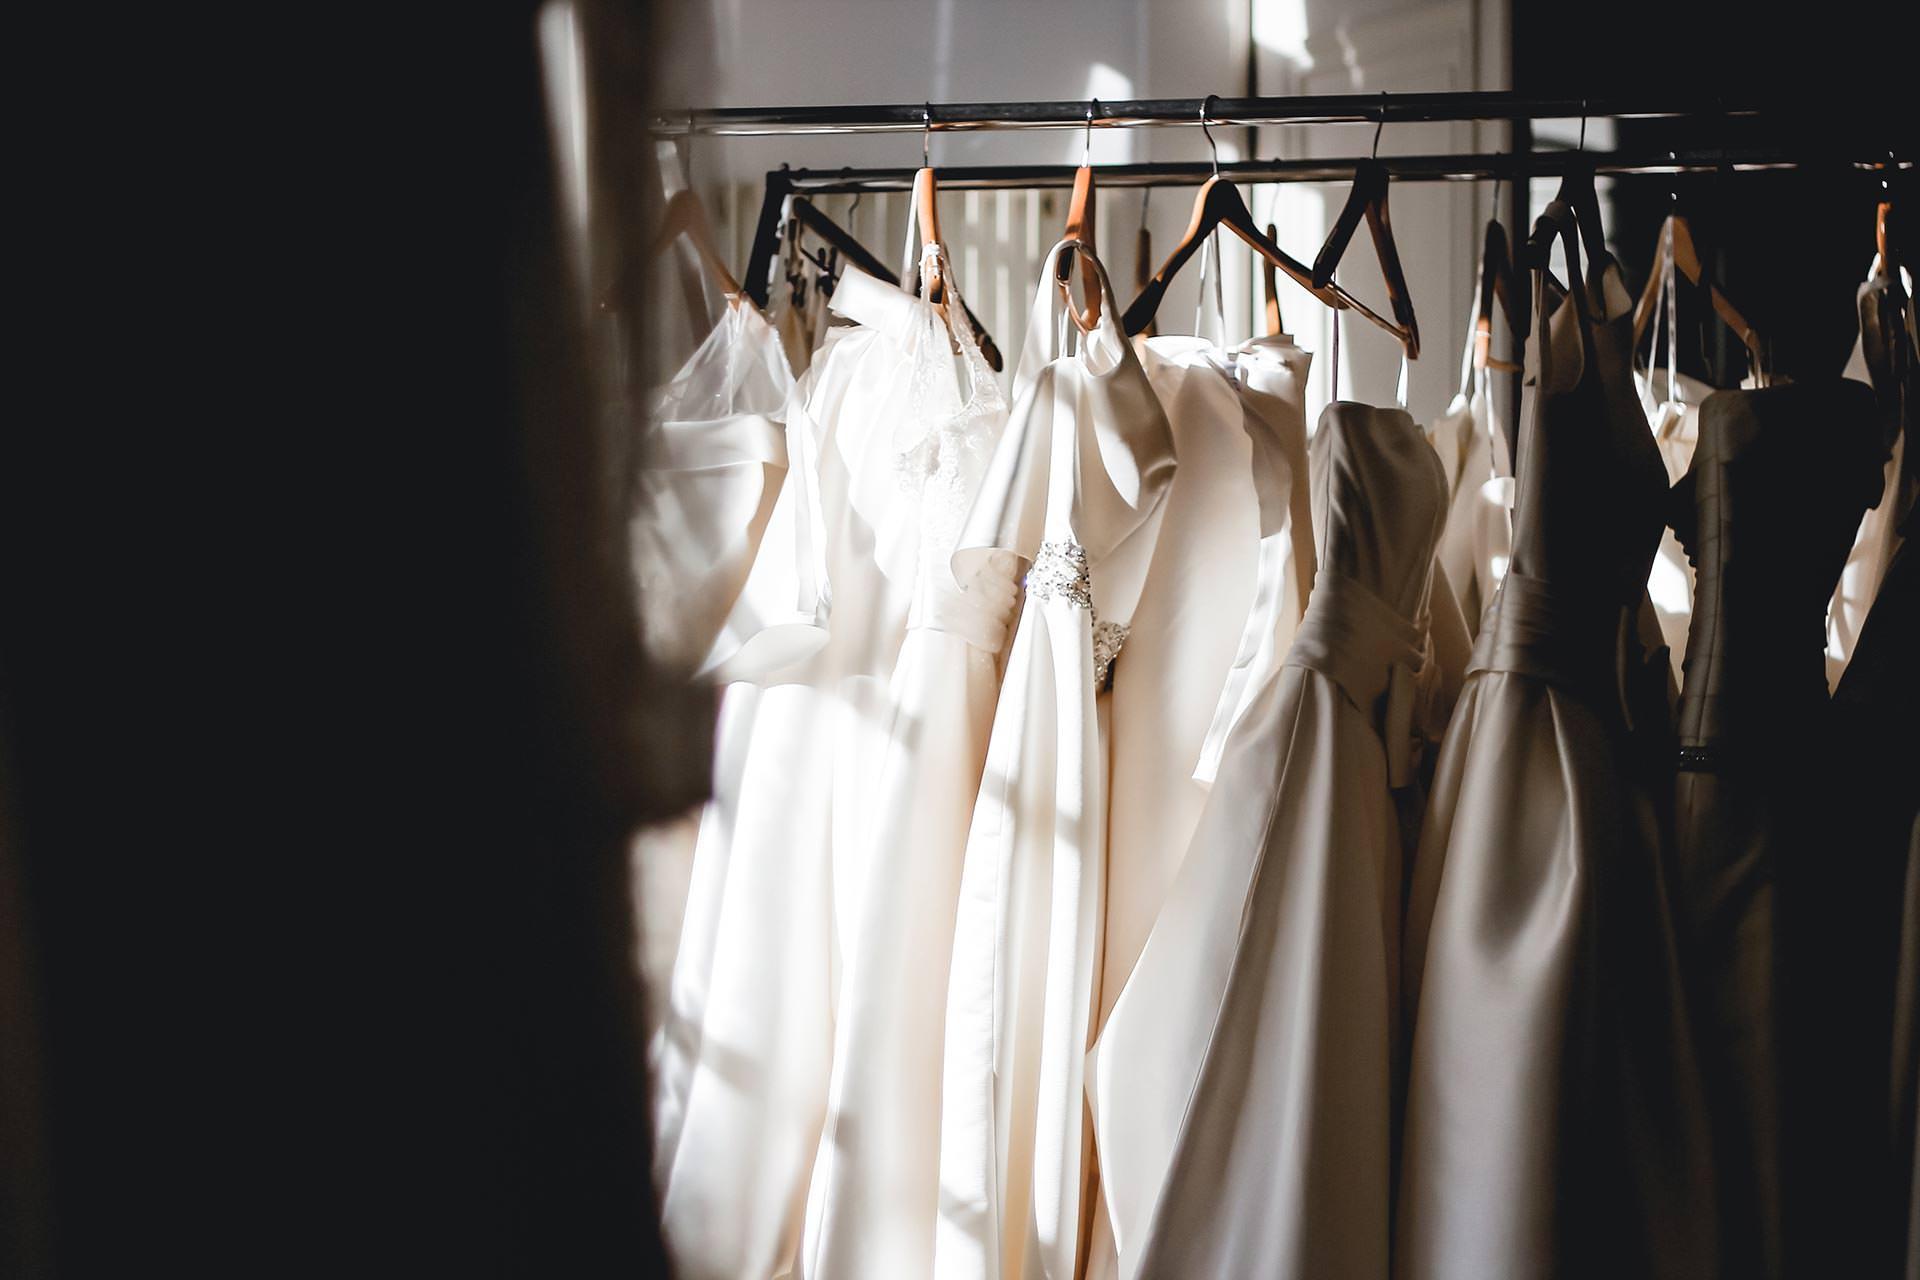 traumhafte Low Budget Brautkleider für wenig Geld, Low Budget Hochzeitskleider, schöne Brautkleider günstig online kaufen, günstige Hochzeitskleider mit Spitze für Standesamt und freie Trauung, Hochzeitsblog, www.whoismocca.com